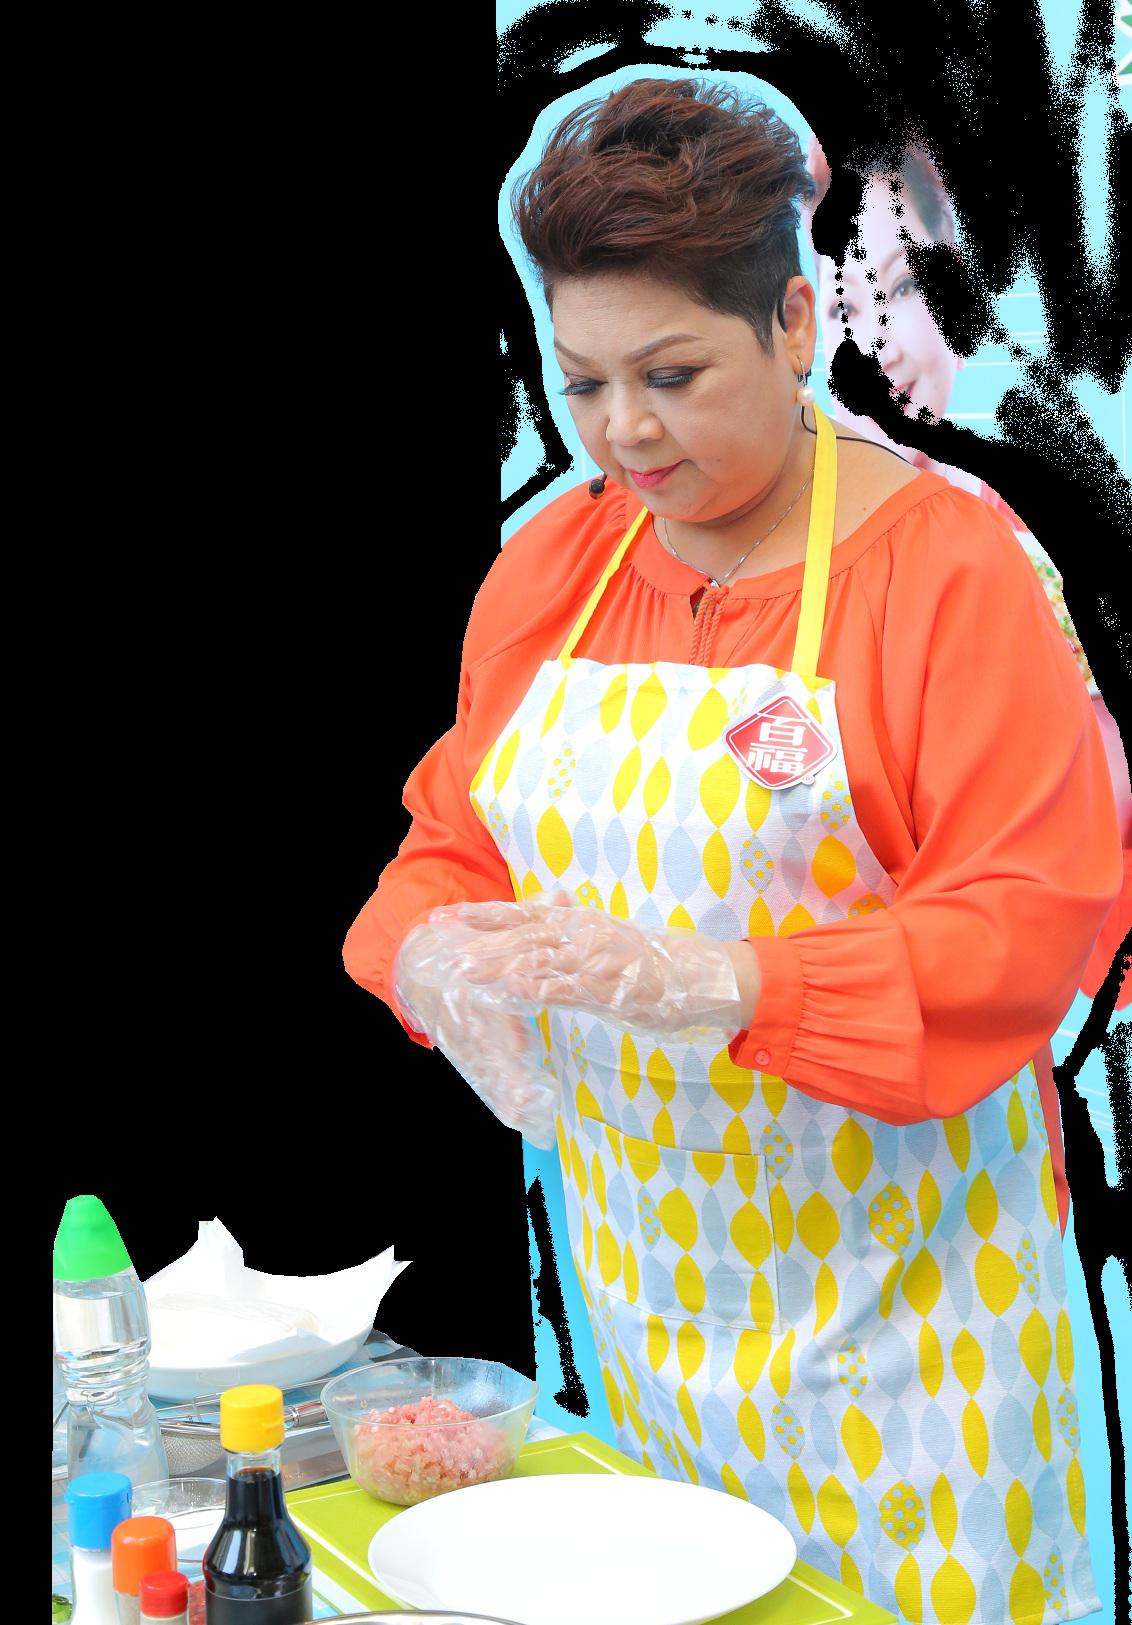 肥媽親身落區教授 「煮滑D加餸班」。(「百福豆腐」提供)